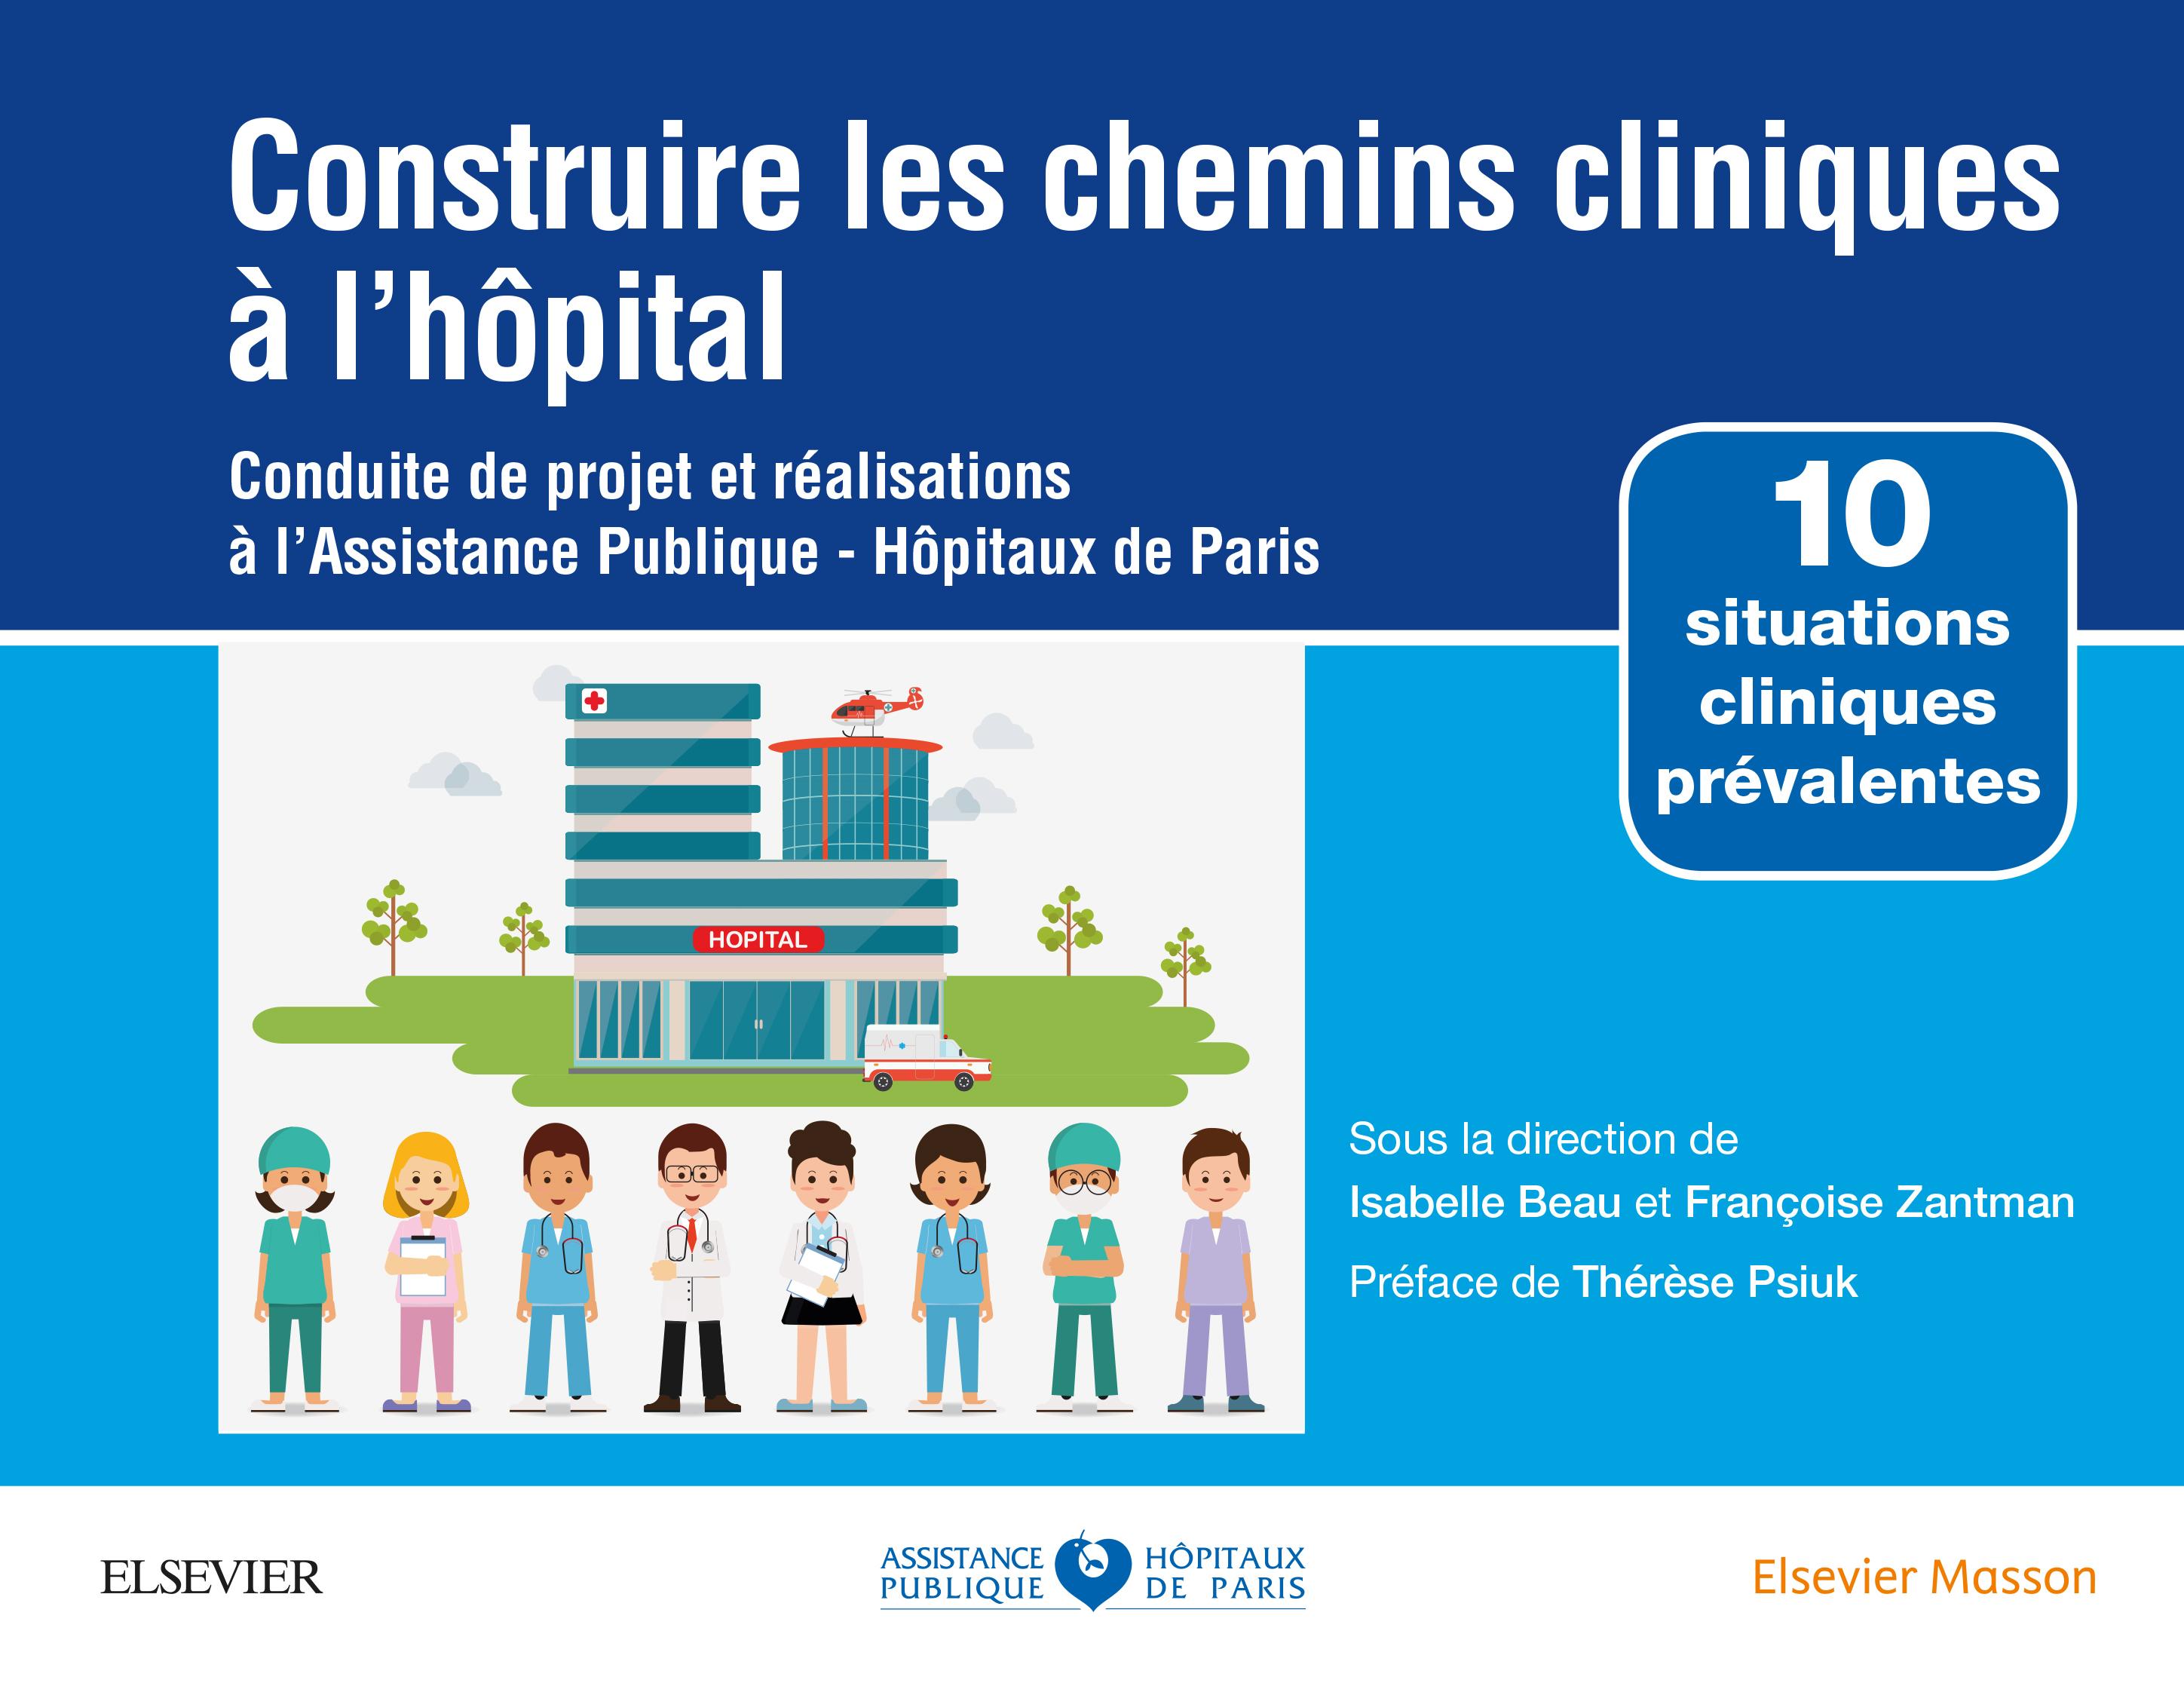 chemins cliniques à l'hopital